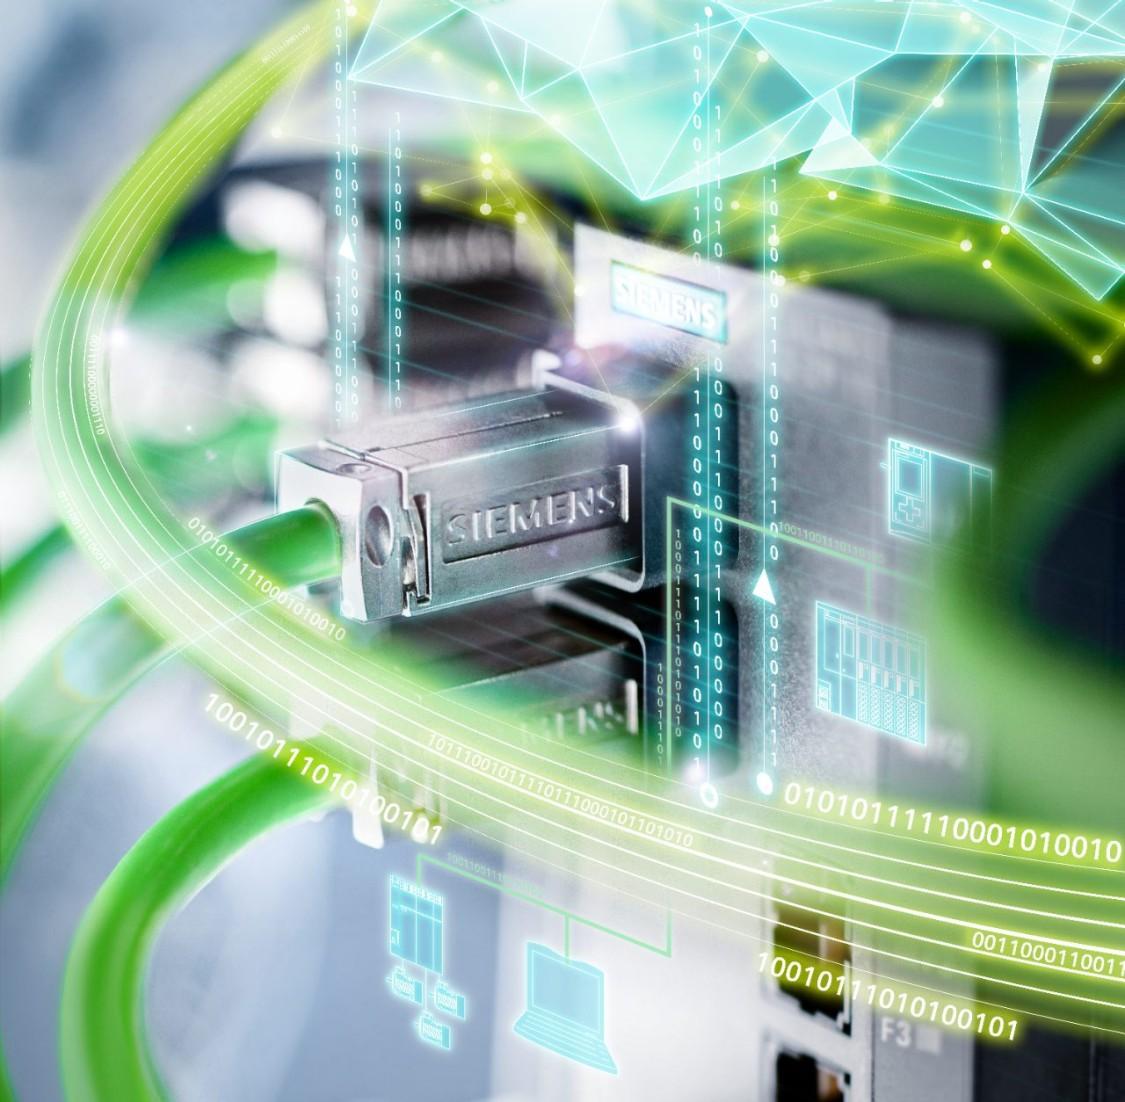 Zapojený PROFINET ethernetový kabel v řídicí jednotce